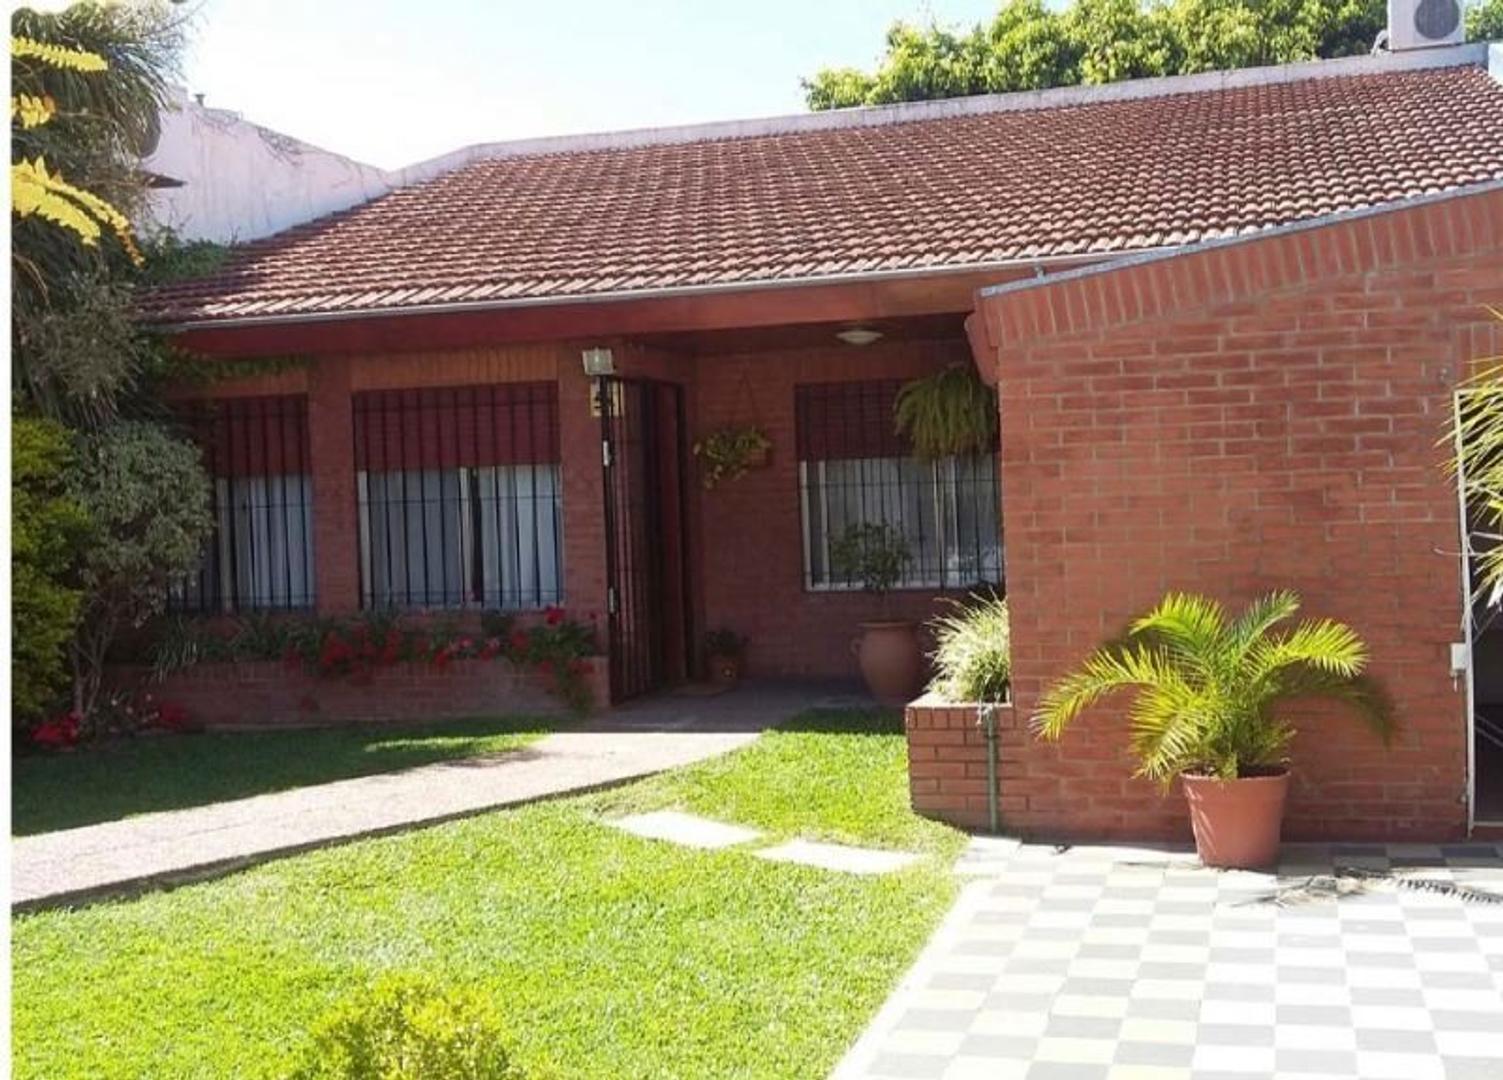 Excelente propiedad multifamiliar, 2  casas 4 ambientes con jardin y garage, en zona residencial.